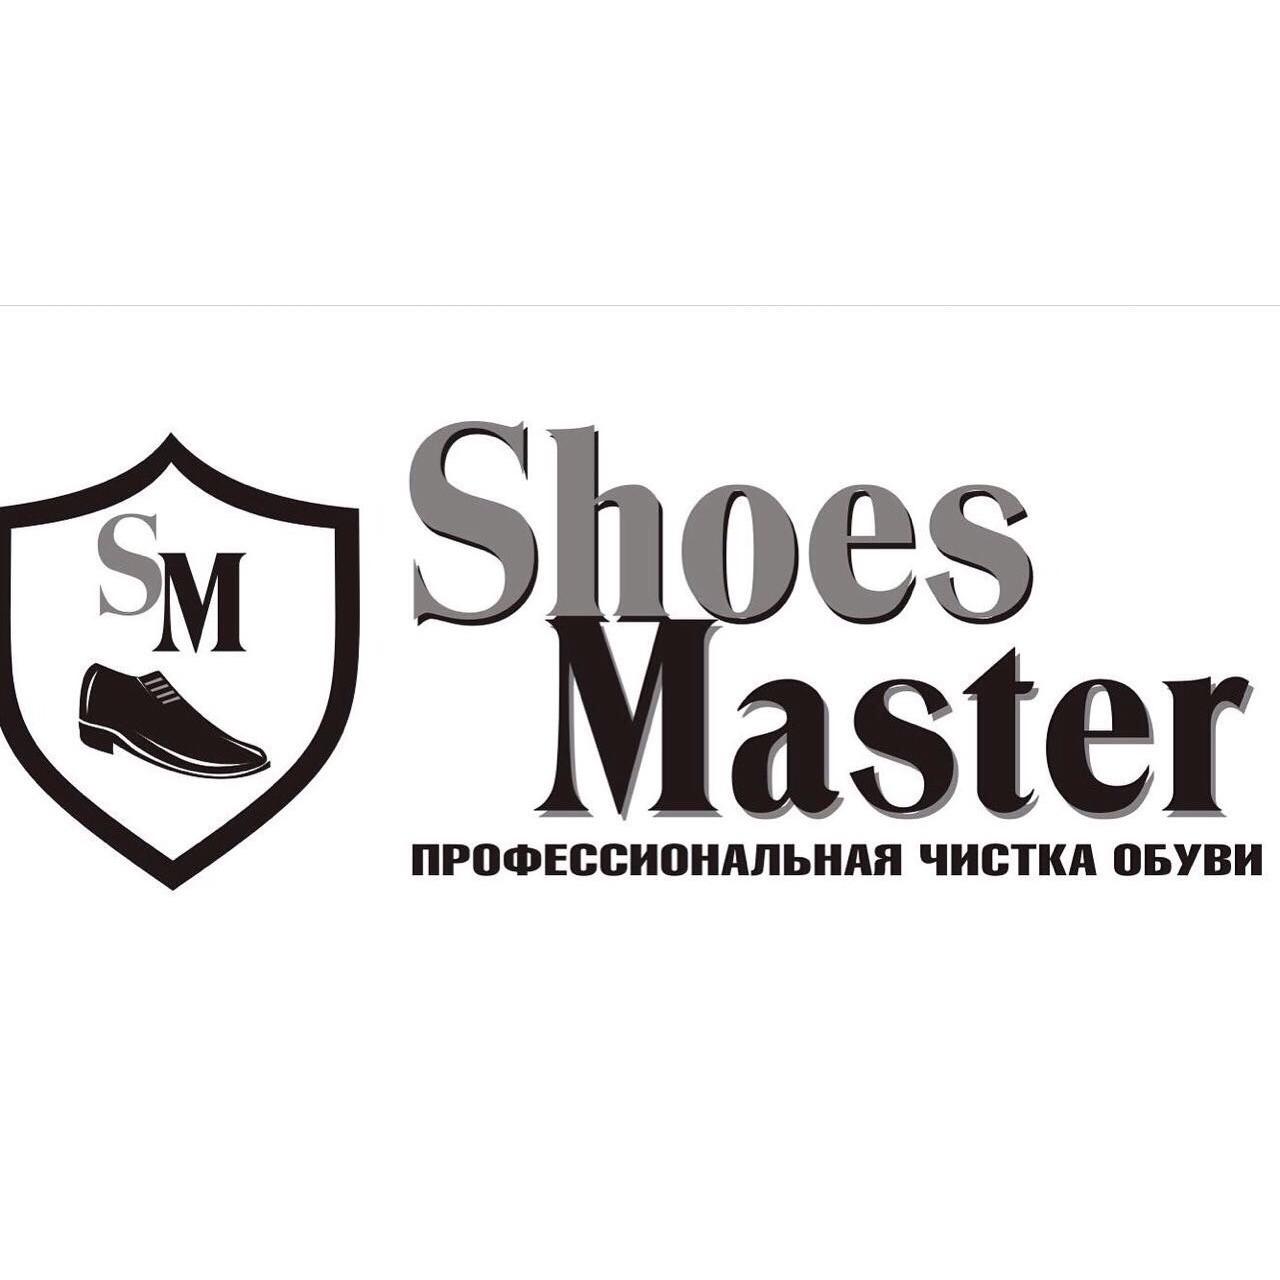 a79416c7 Шуз Мастер, компания профессиональной ручной чистки и ремонту обуви в  Новосибирске на метро Заельцовская — отзывы, адрес, телефон, фото — Фламп